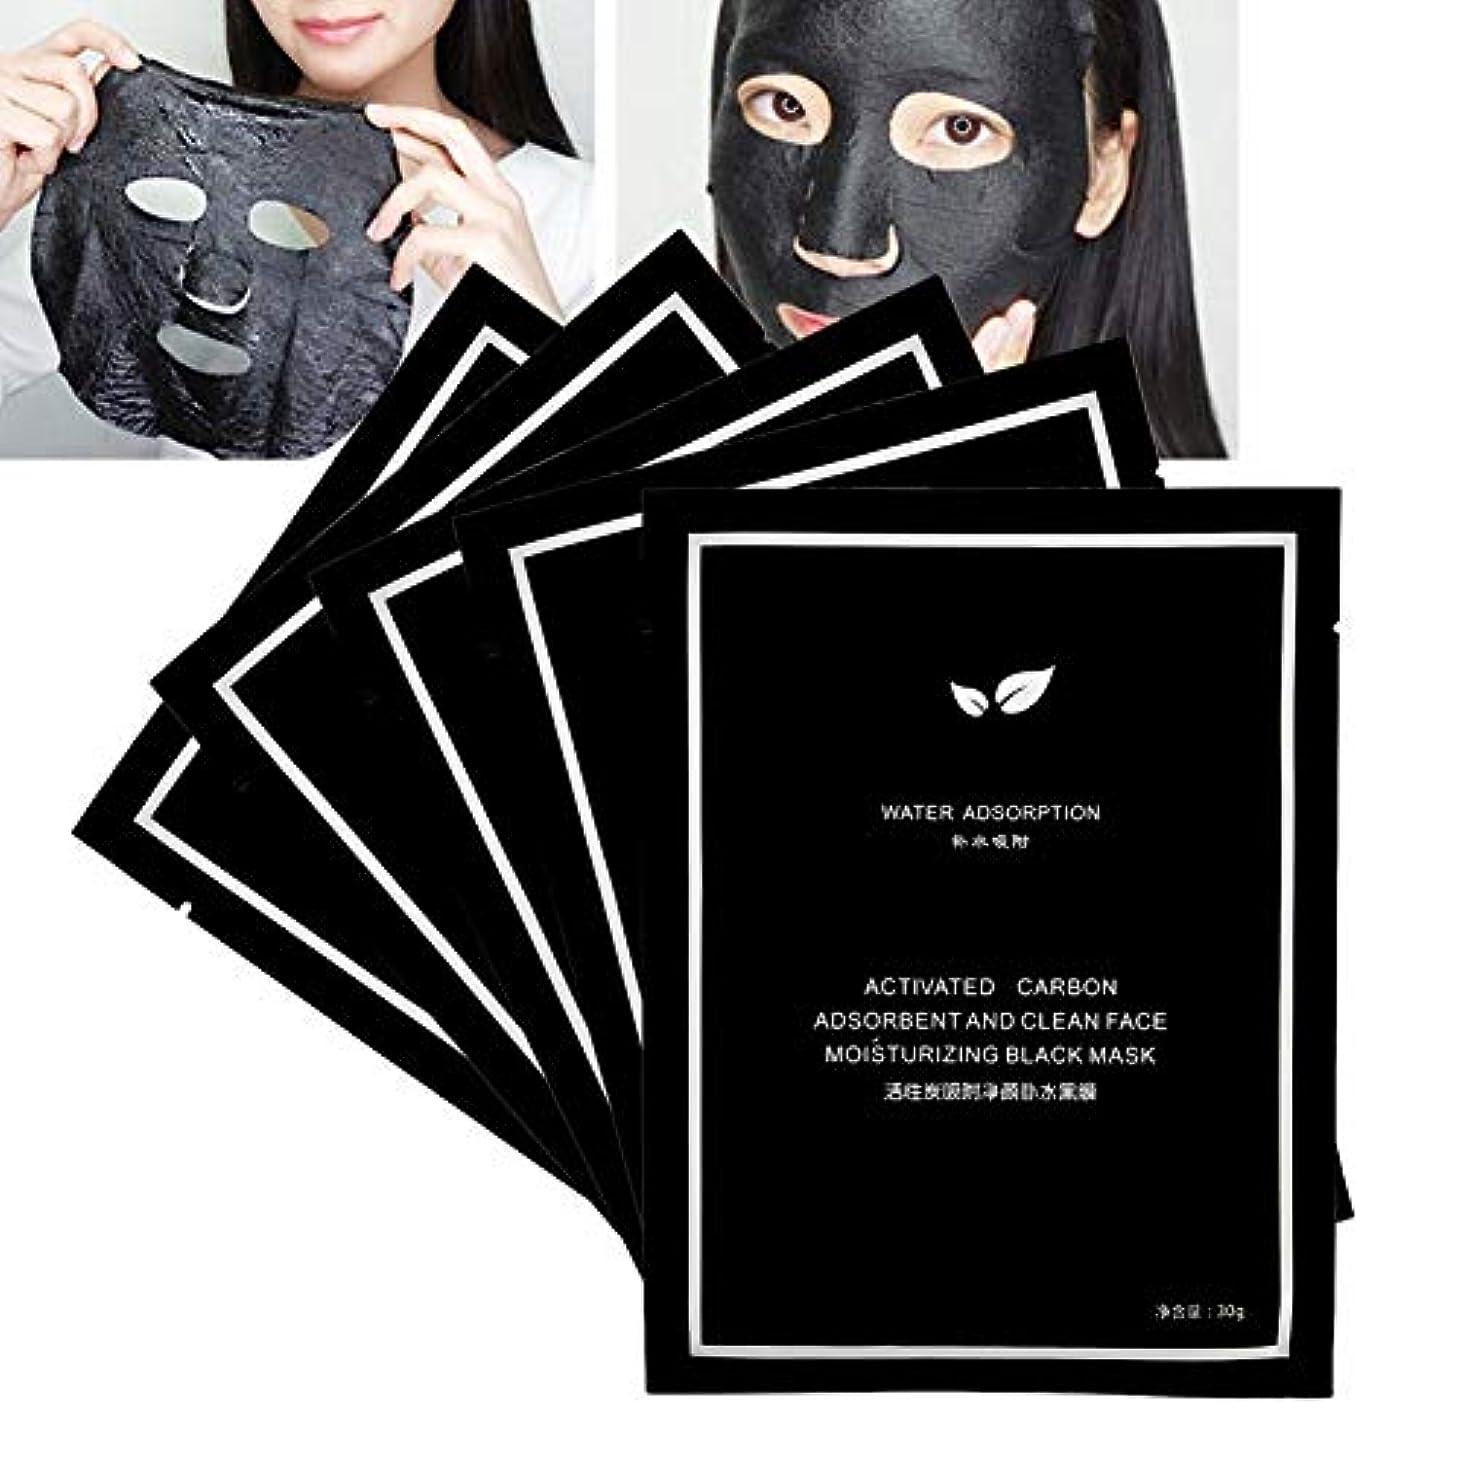 おびえた筋性差別5枚セット 活性炭マスク 保湿 フェイスブラックマスク オイルコントロールブラックヘッドの除去汚れ除去スキンケア